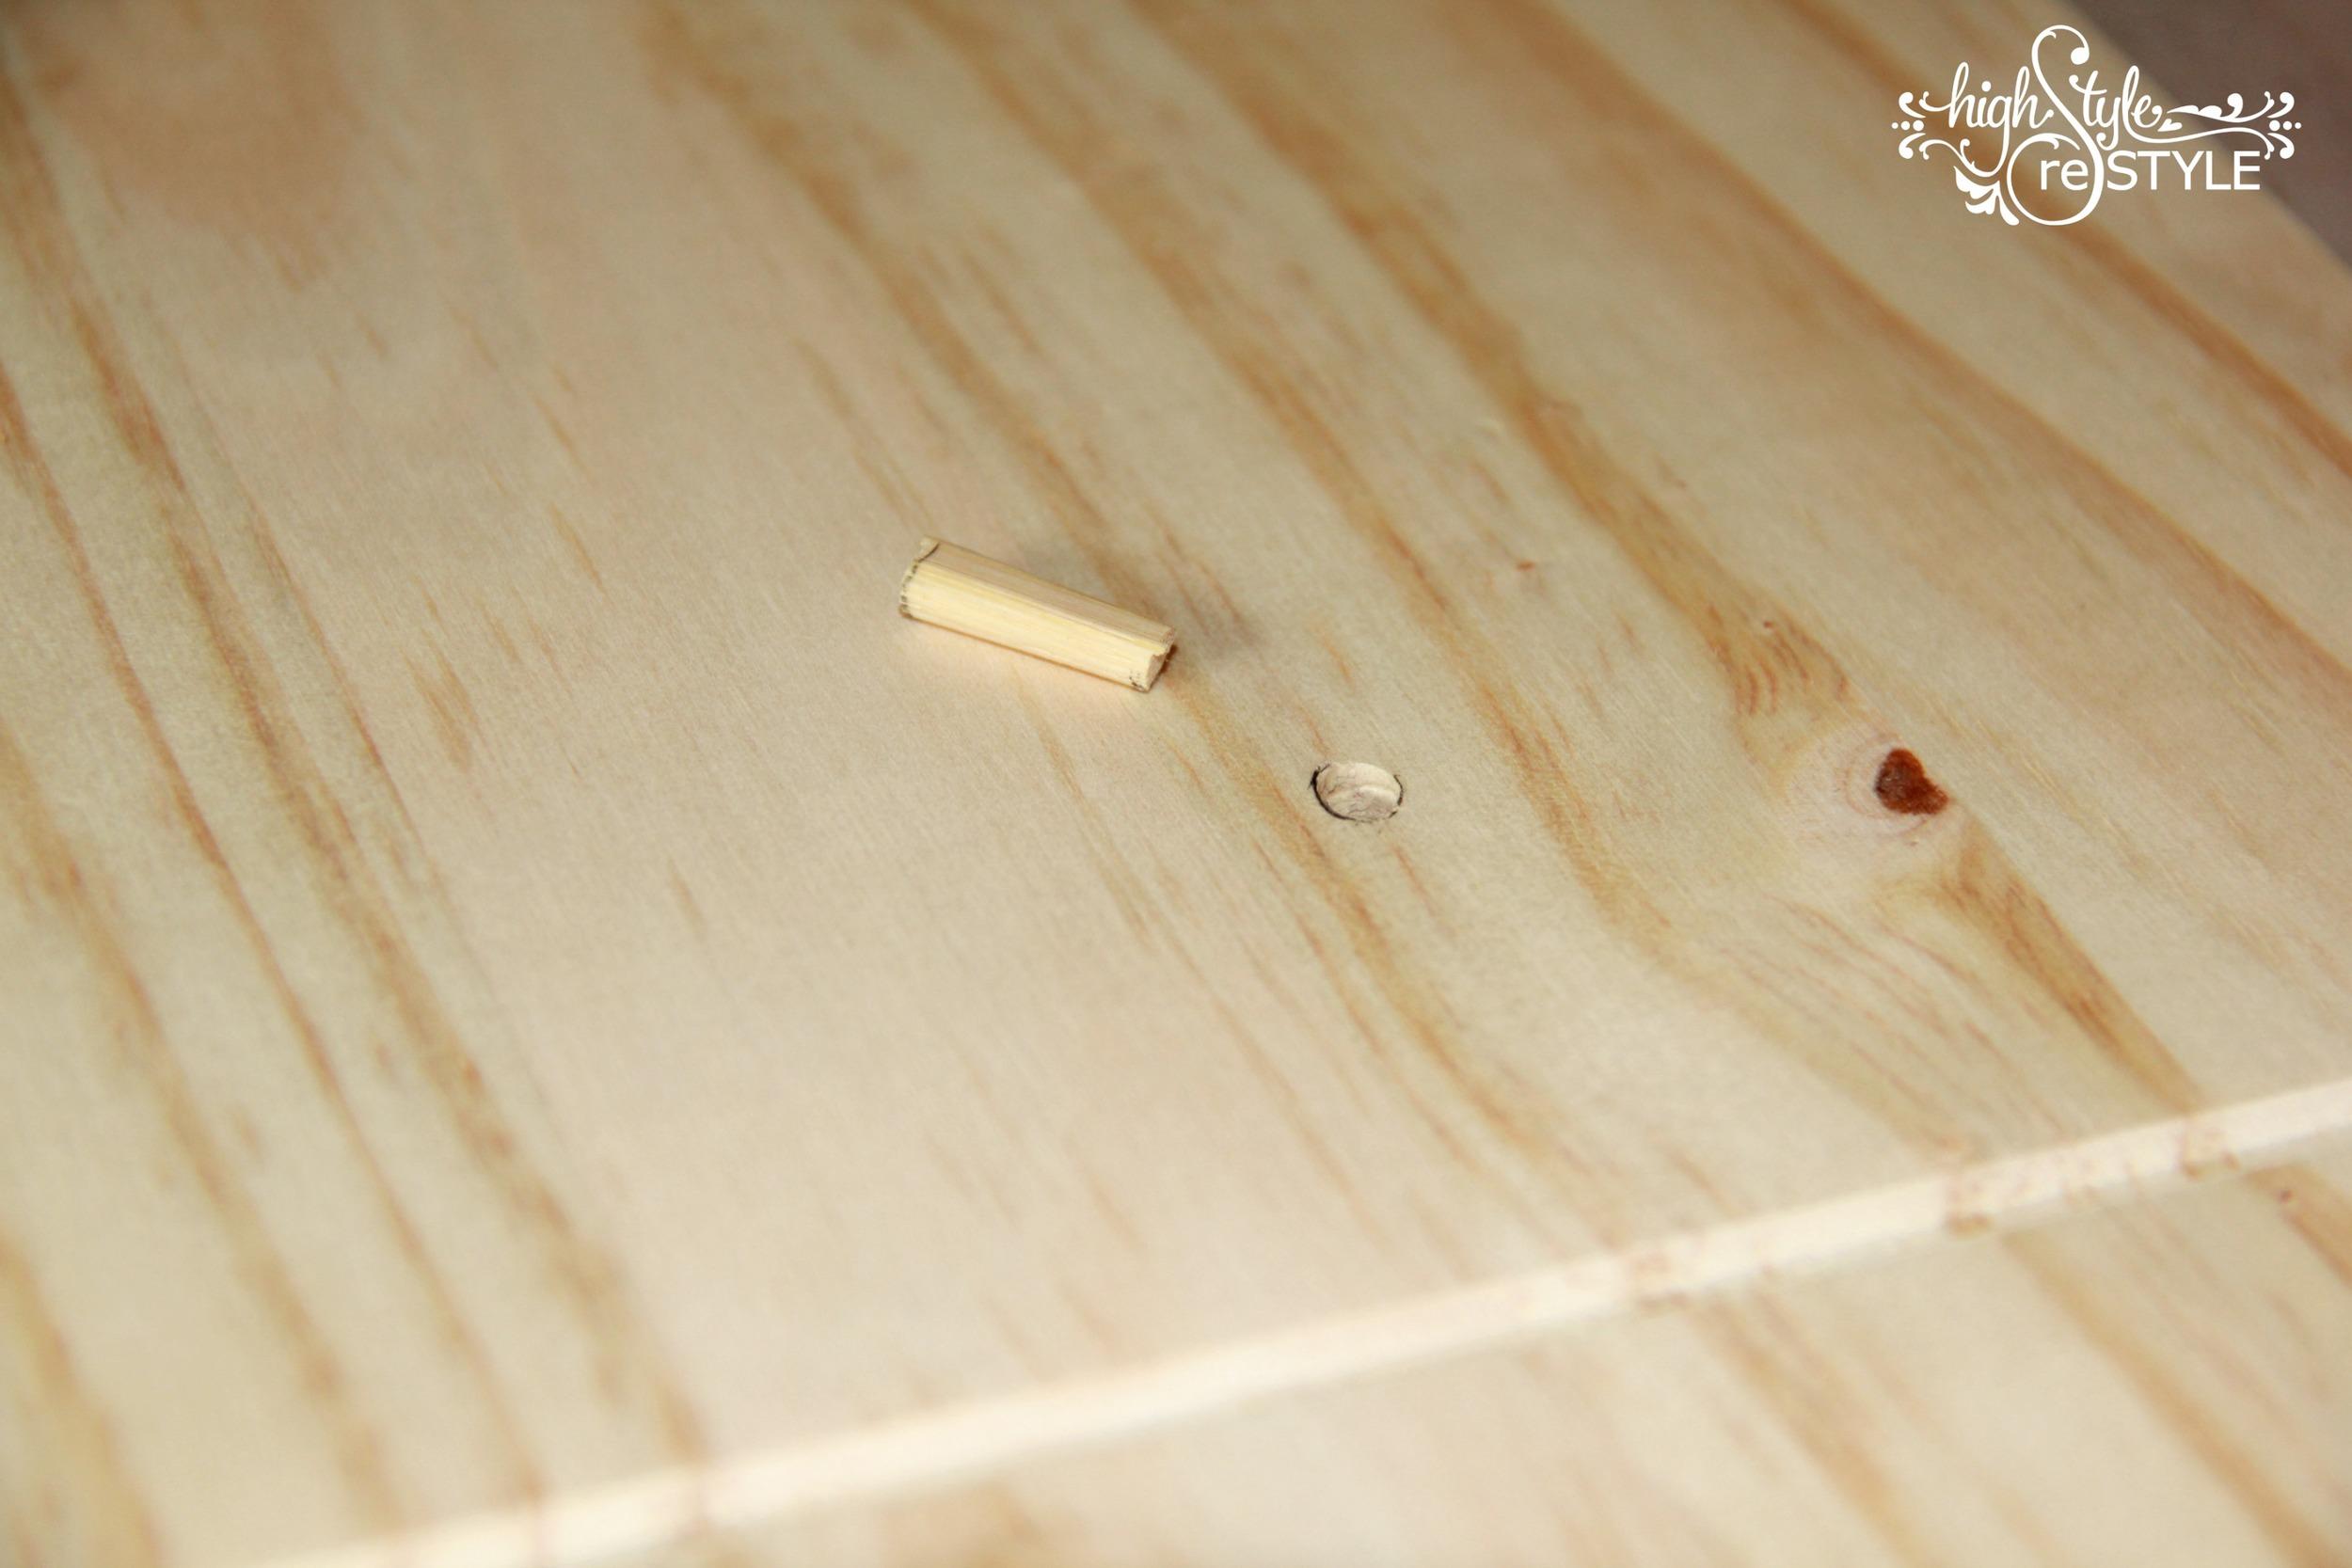 Cut chopstick to fill drawer knob holes on IKEA Rast.jpg